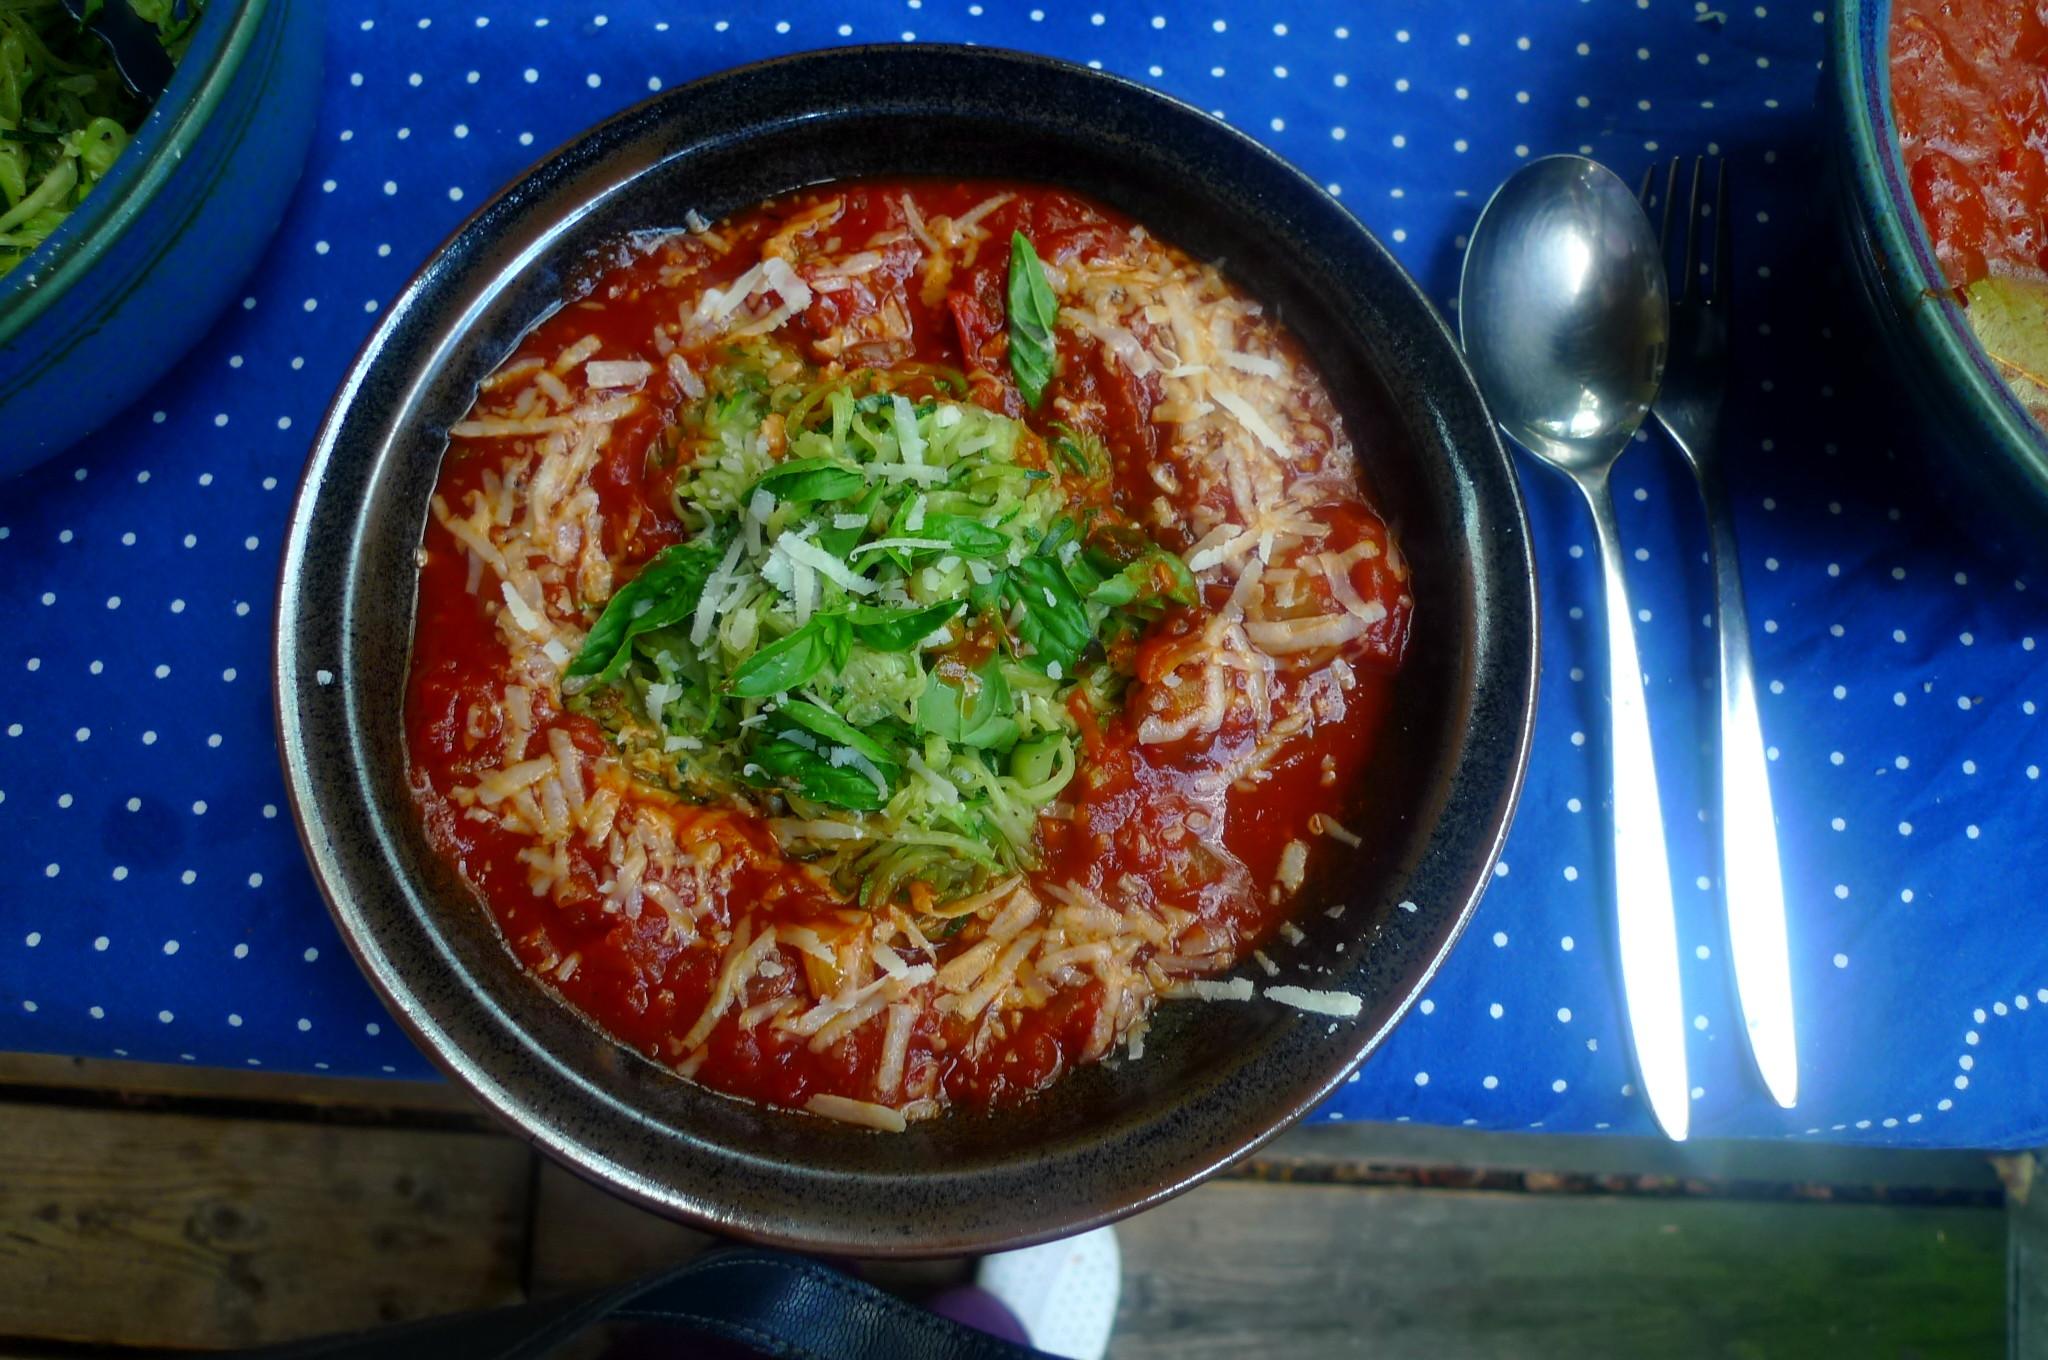 Zucchinispagetthi,Tomatensauce,veganvegetarisch -15.8.15 (1)